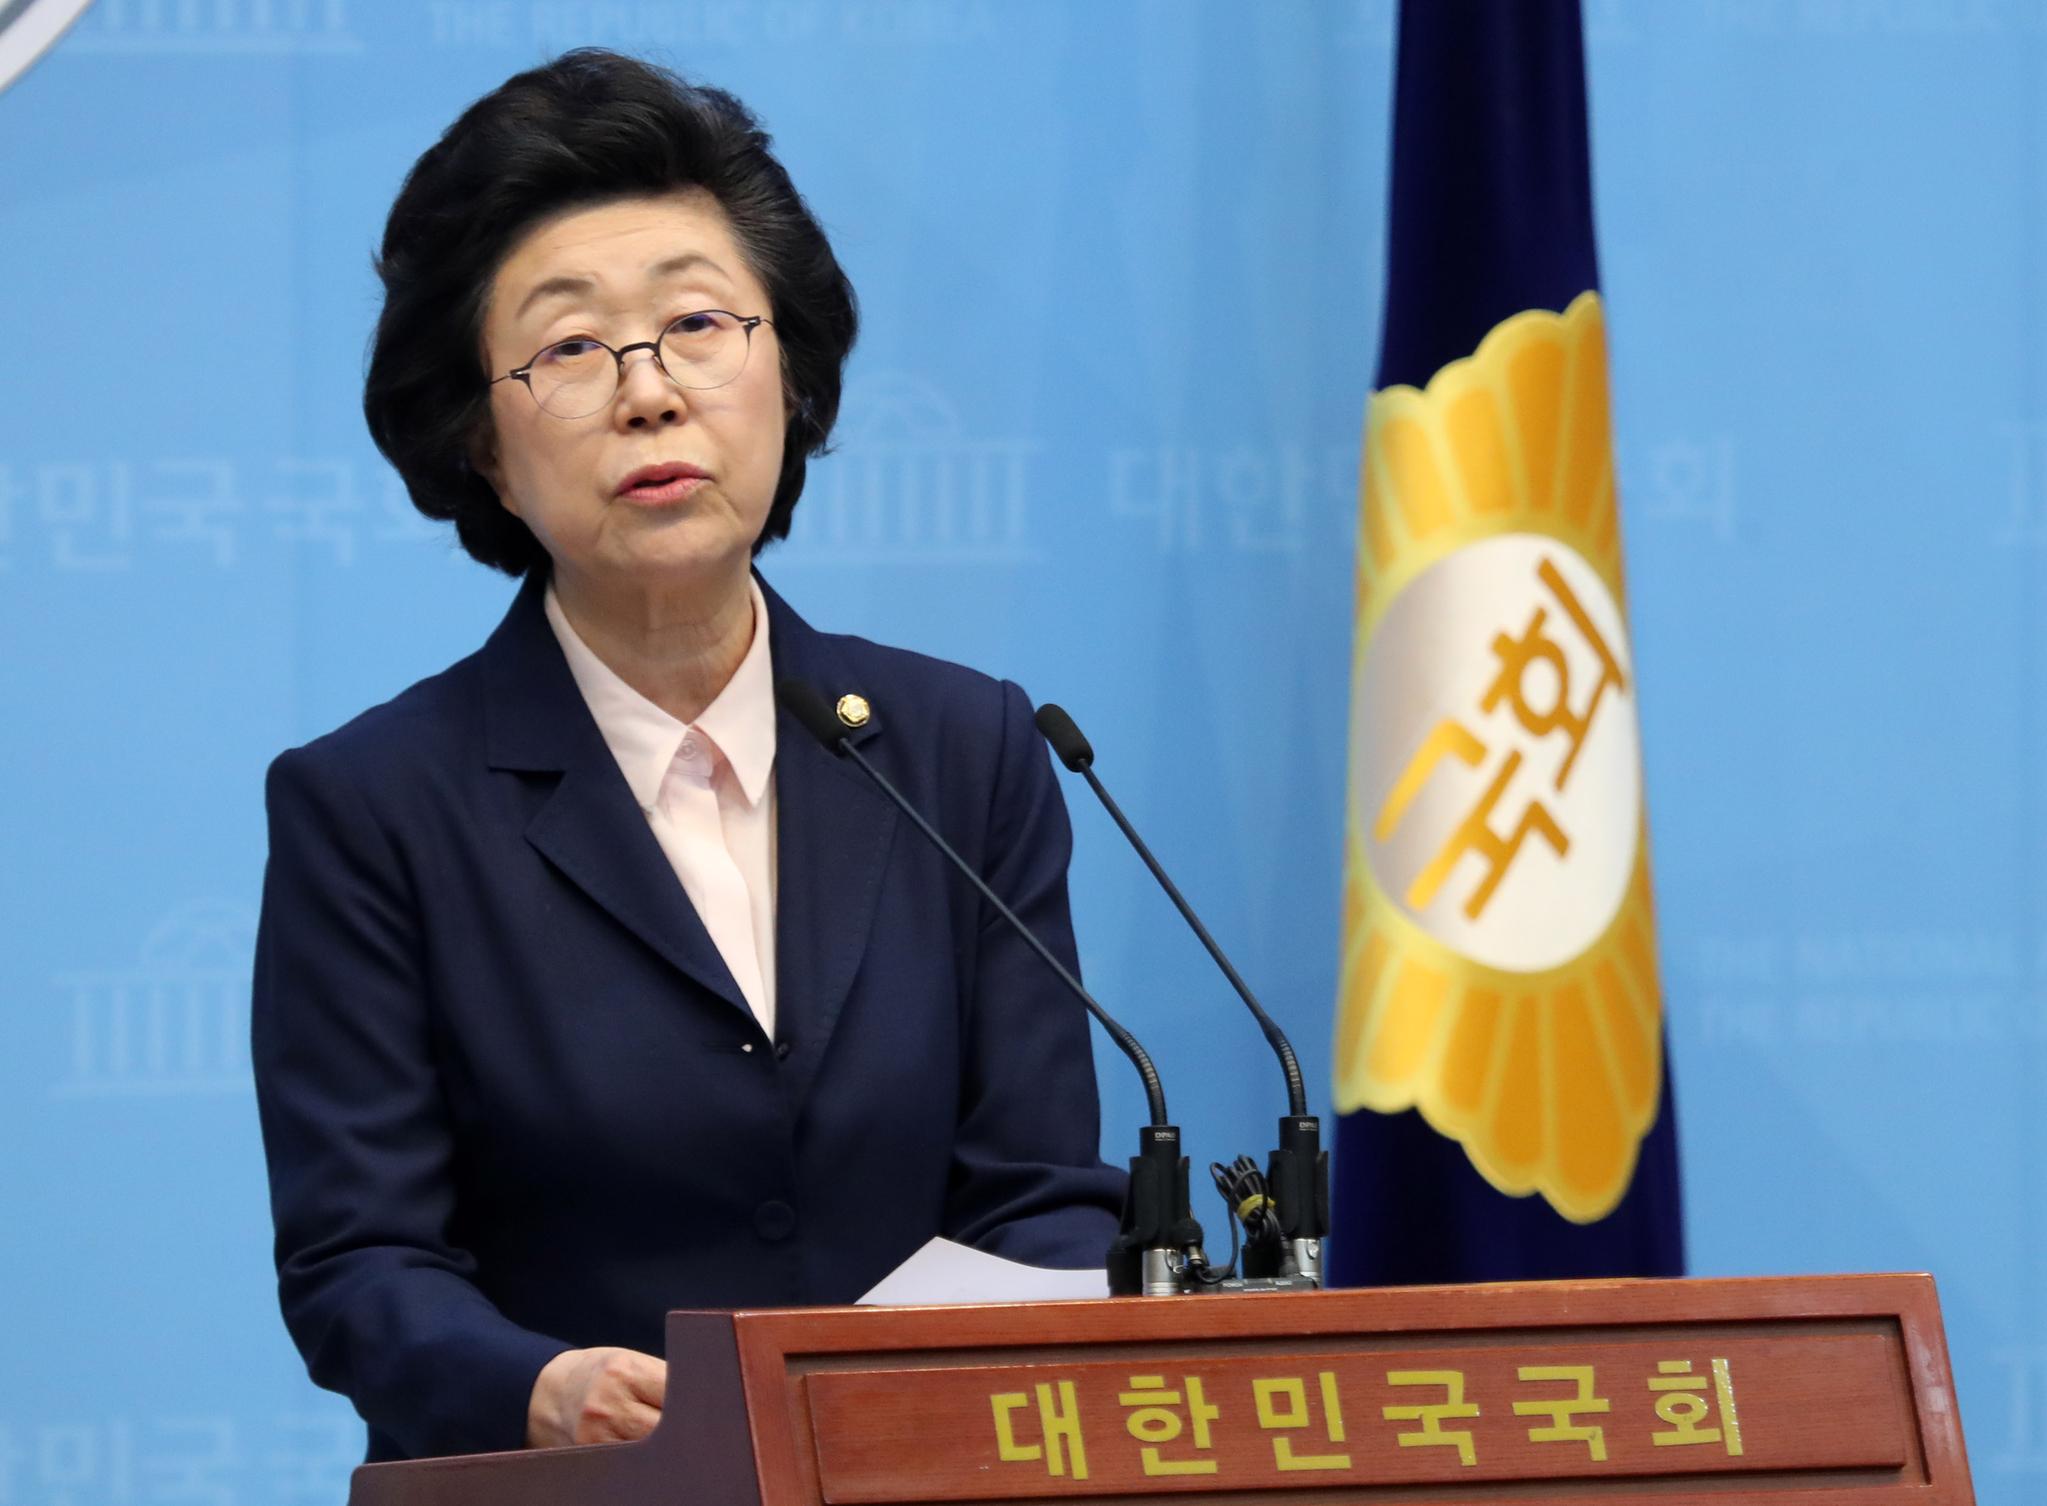 이은재 미래통합당 의원이 지난 23일 오후 서울 여의도 국회 소통관 기자회견장에서 미래통합당 탈당을 밝히는 기자회견을 하고 있다. 이 의원은 미래통합당을 탈당해 전광훈 목사가 이끄는 기독자유통일당으로 입당한다고 밝혔다. 뉴스1